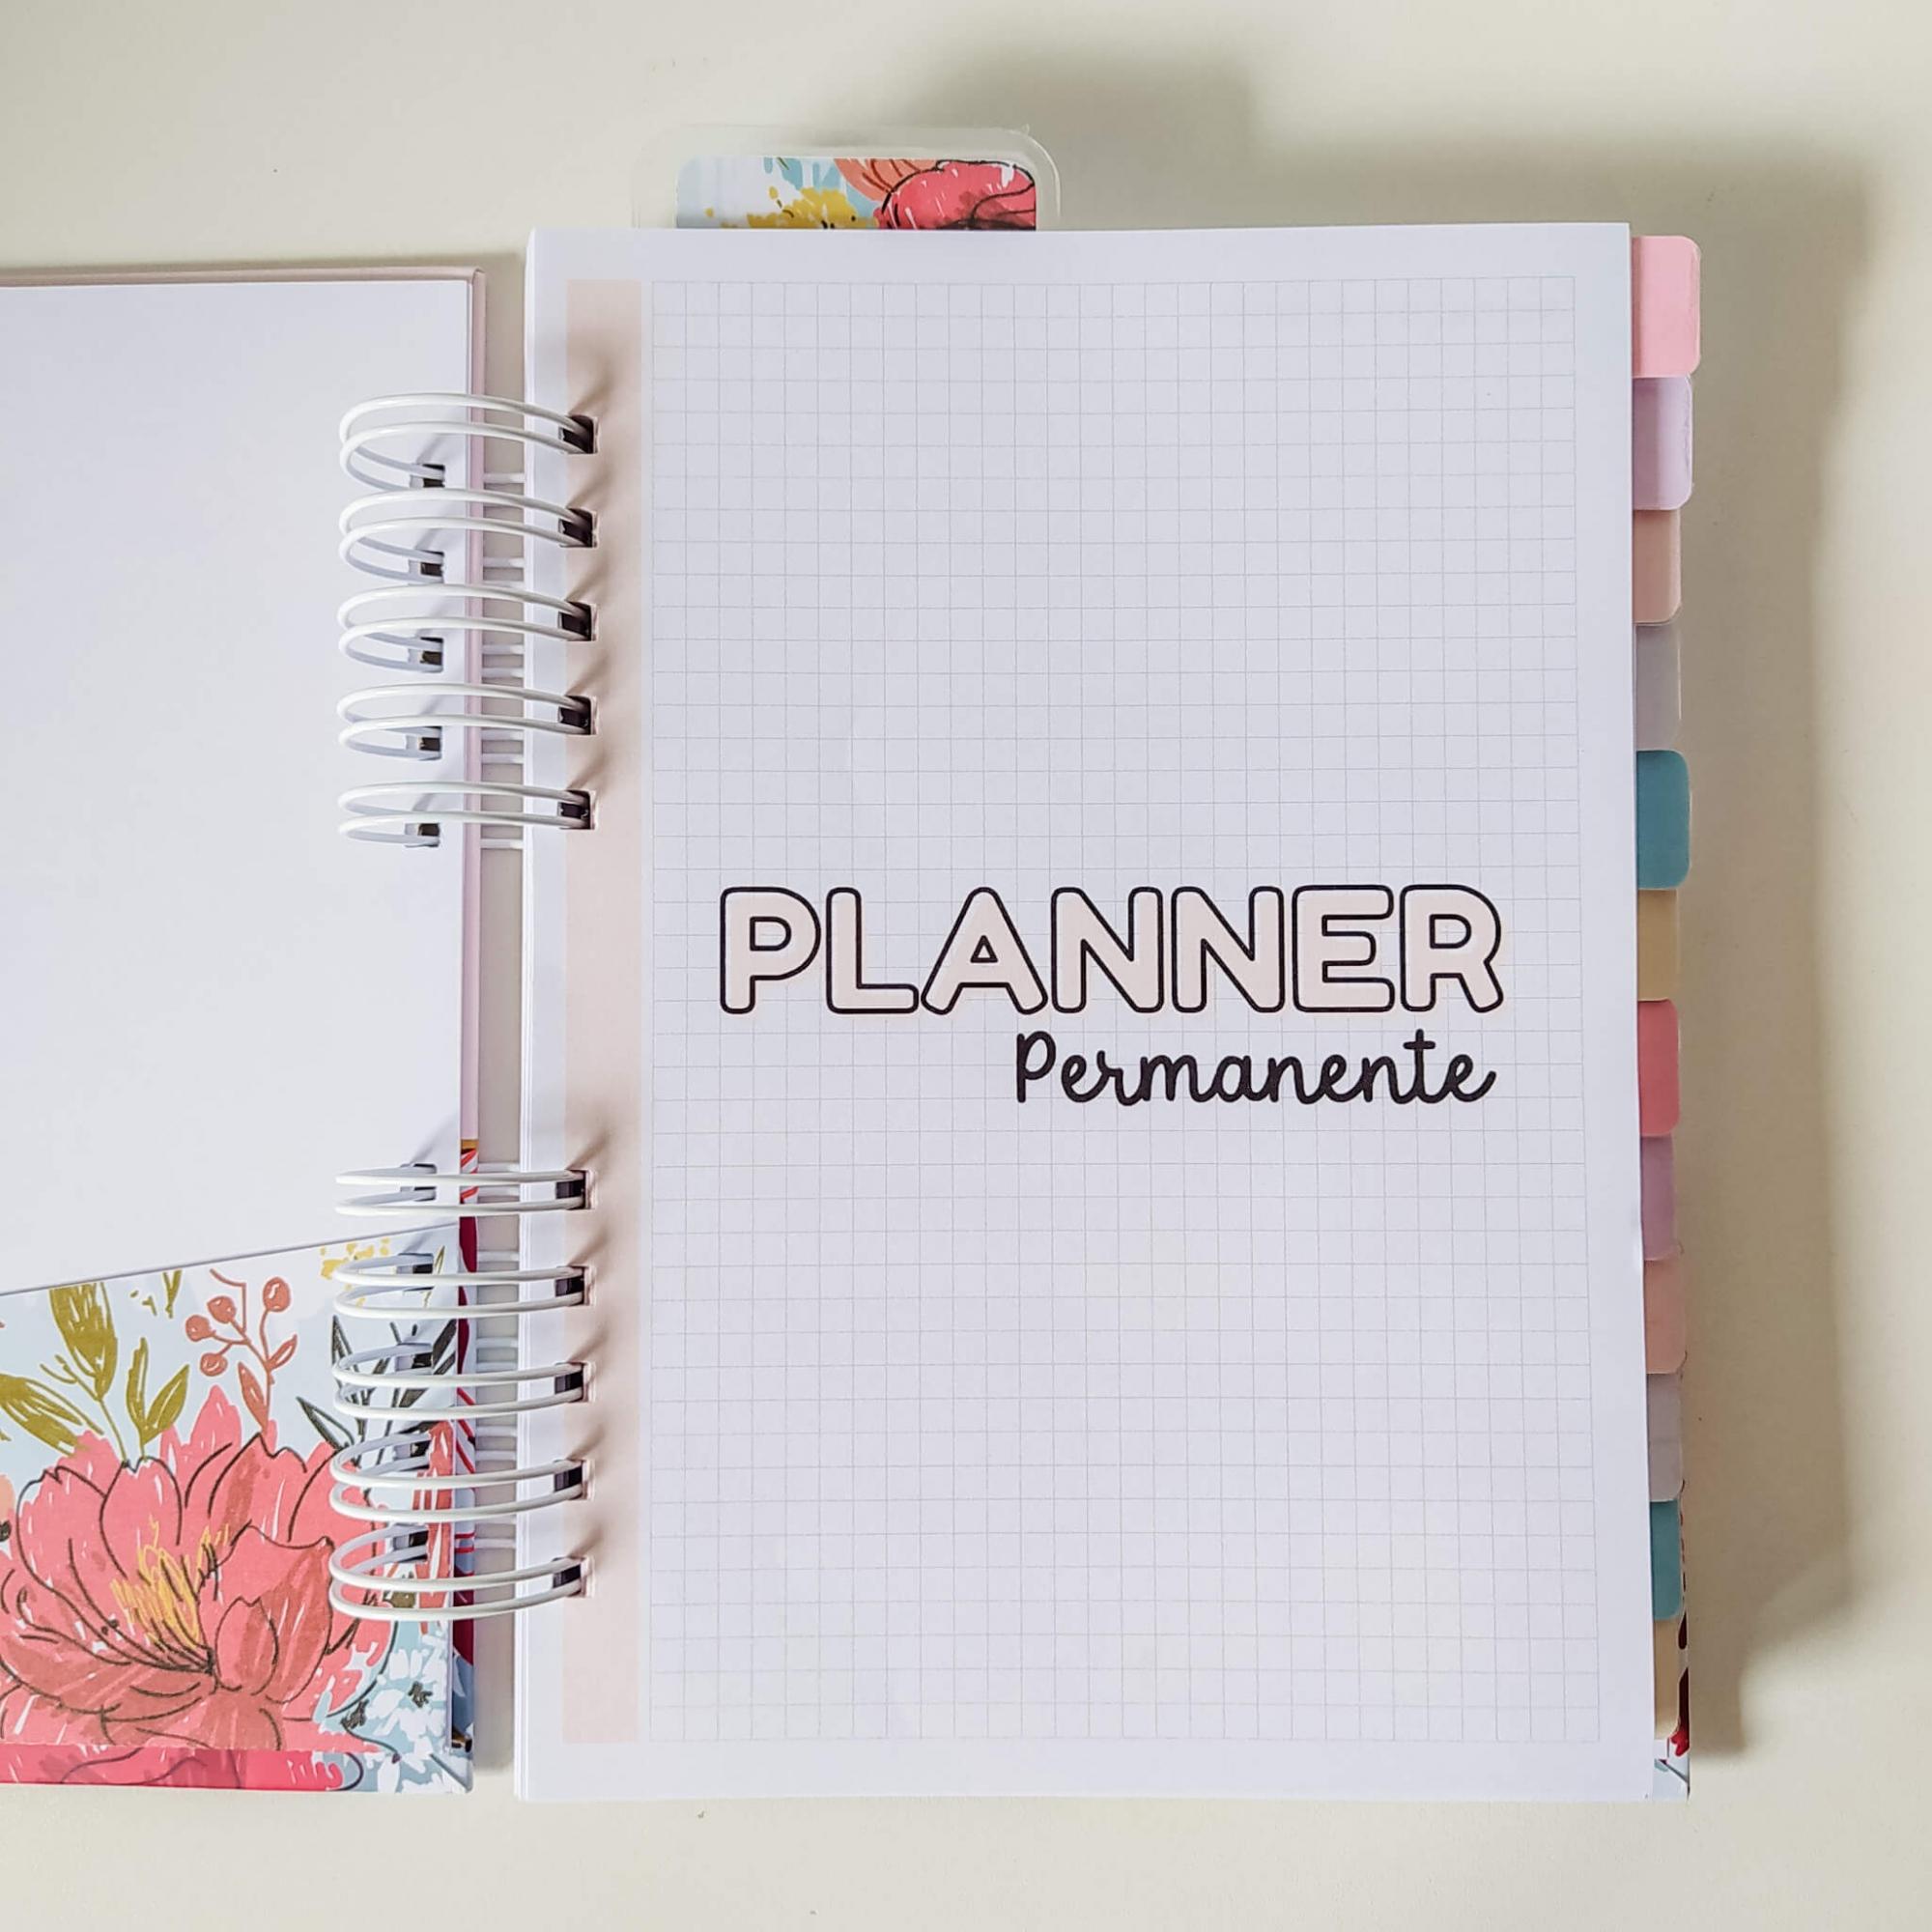 Planner permanente - Profissões